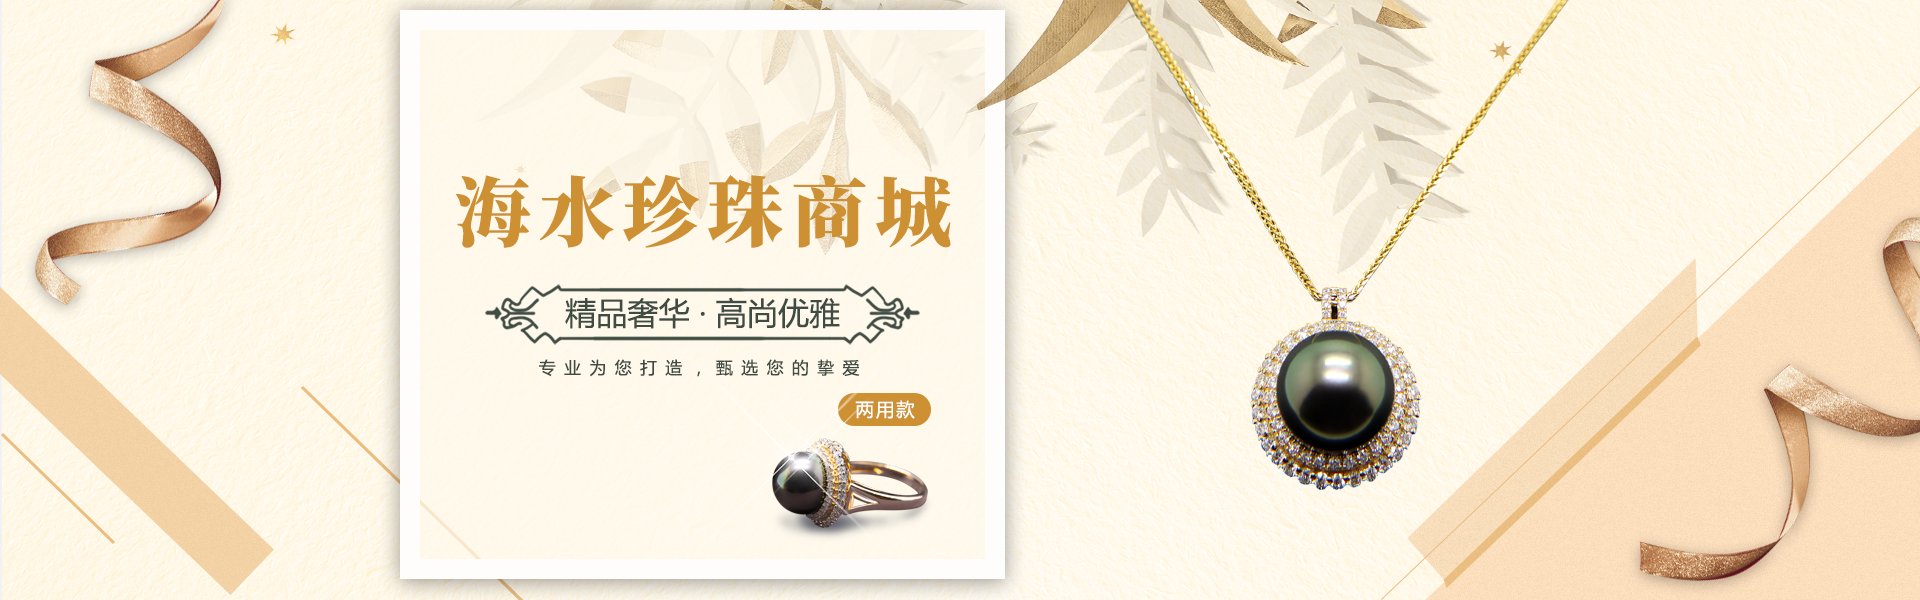 肇庆市金麒福珠宝有限公司